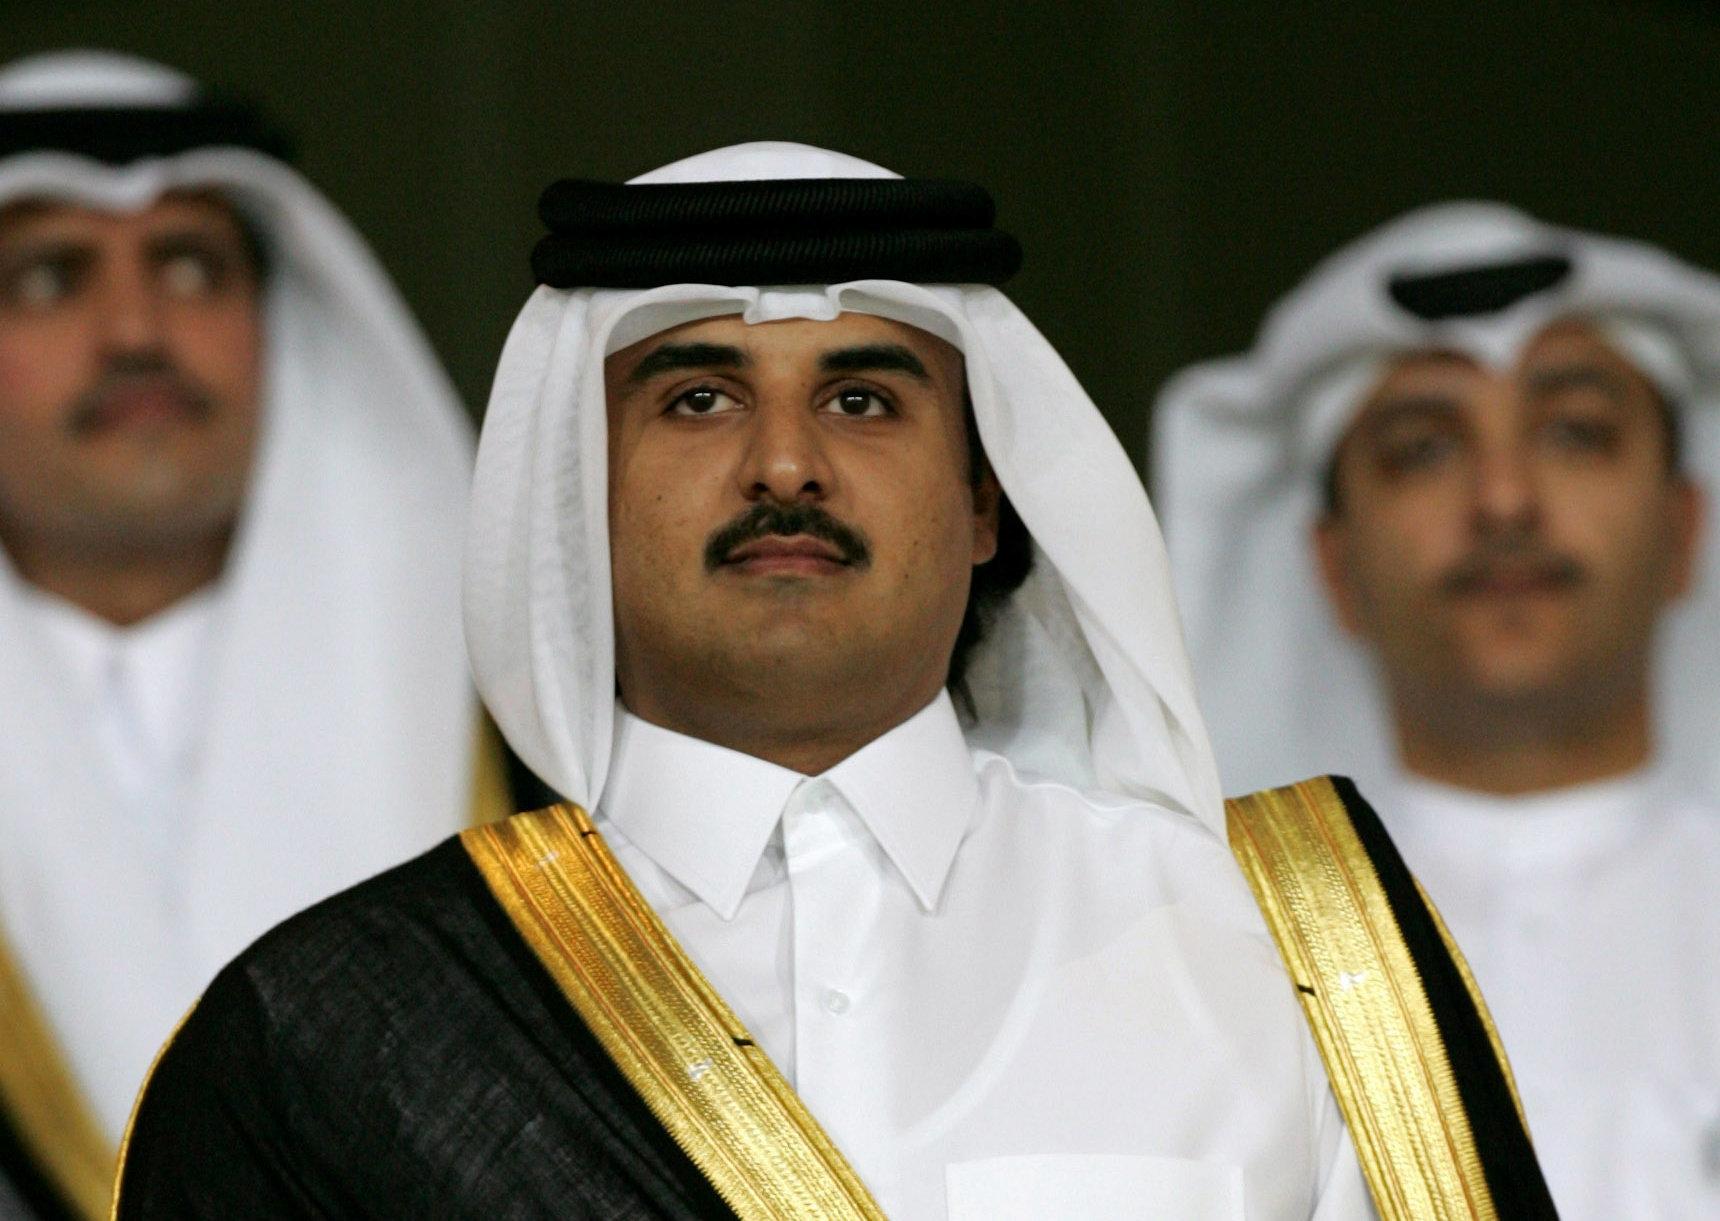 Pourquoi l'émir du Qatar a-t-il quitté le sommet arabe? La présidence de la République